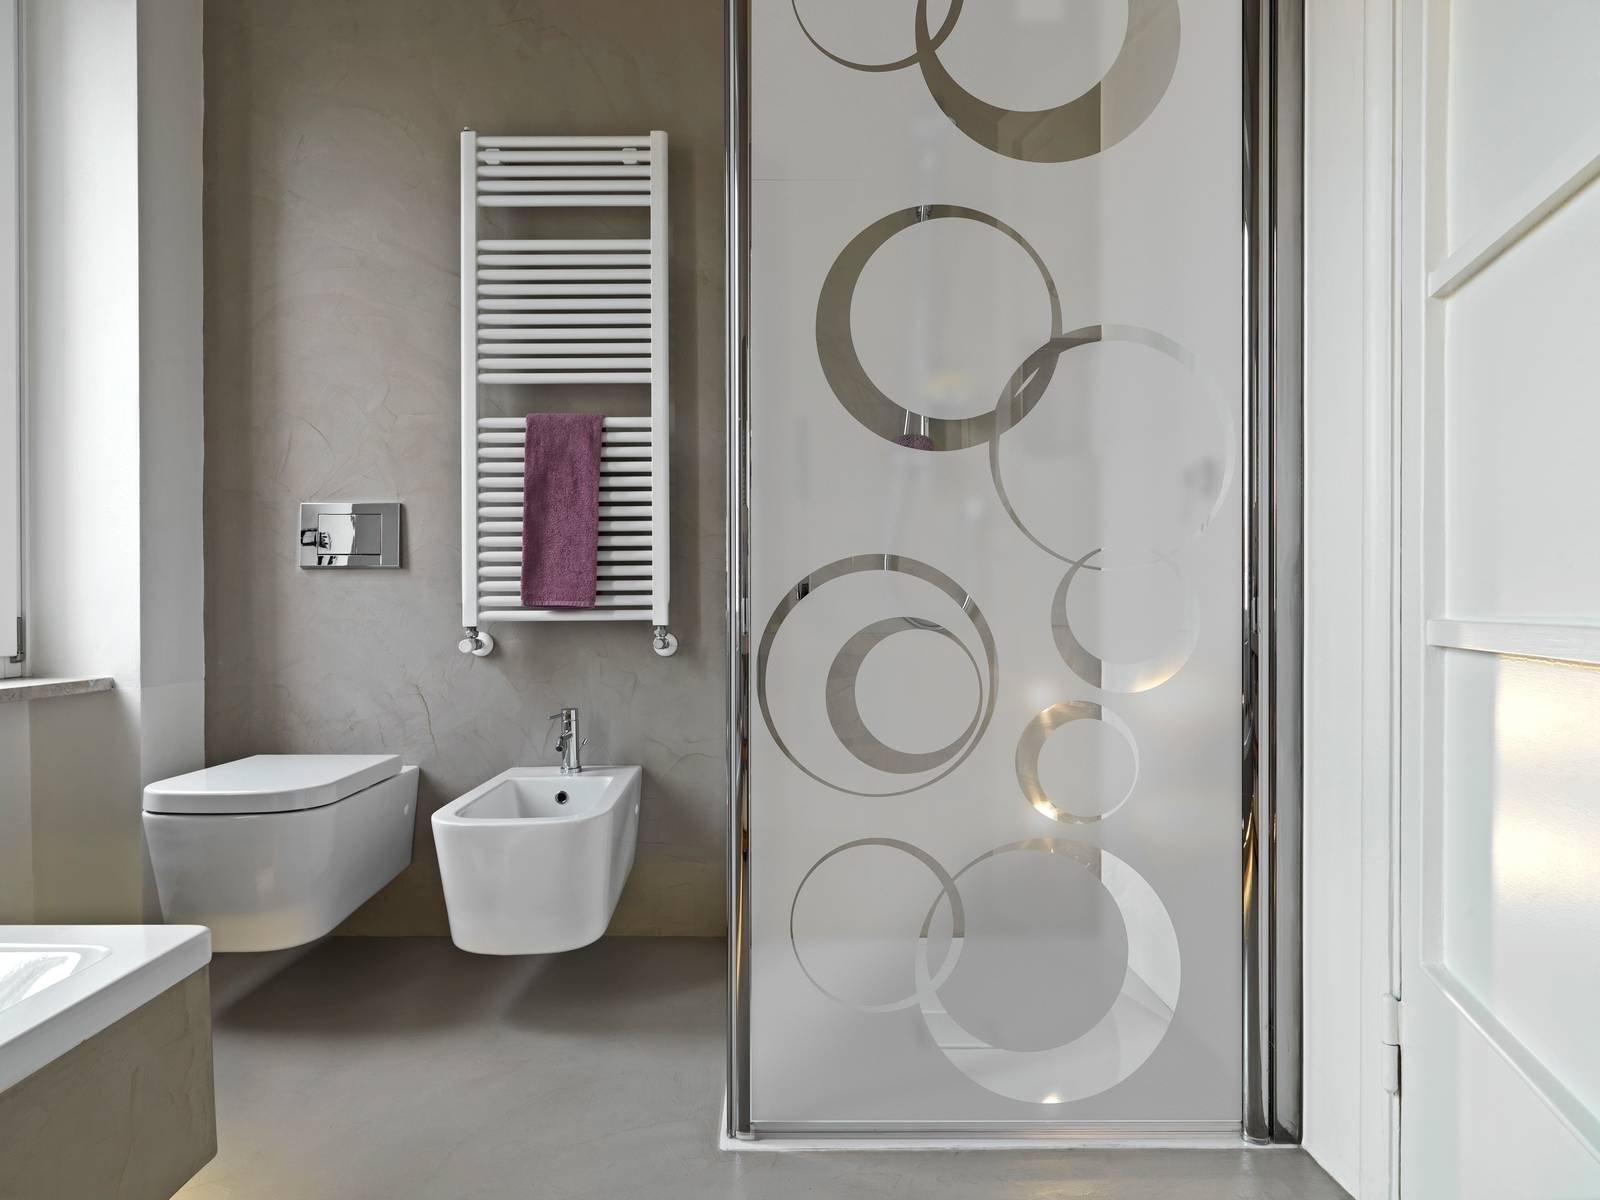 Sticker e adesivi per cambiare look alla doccia alla for Decorazioni adesive per bagno